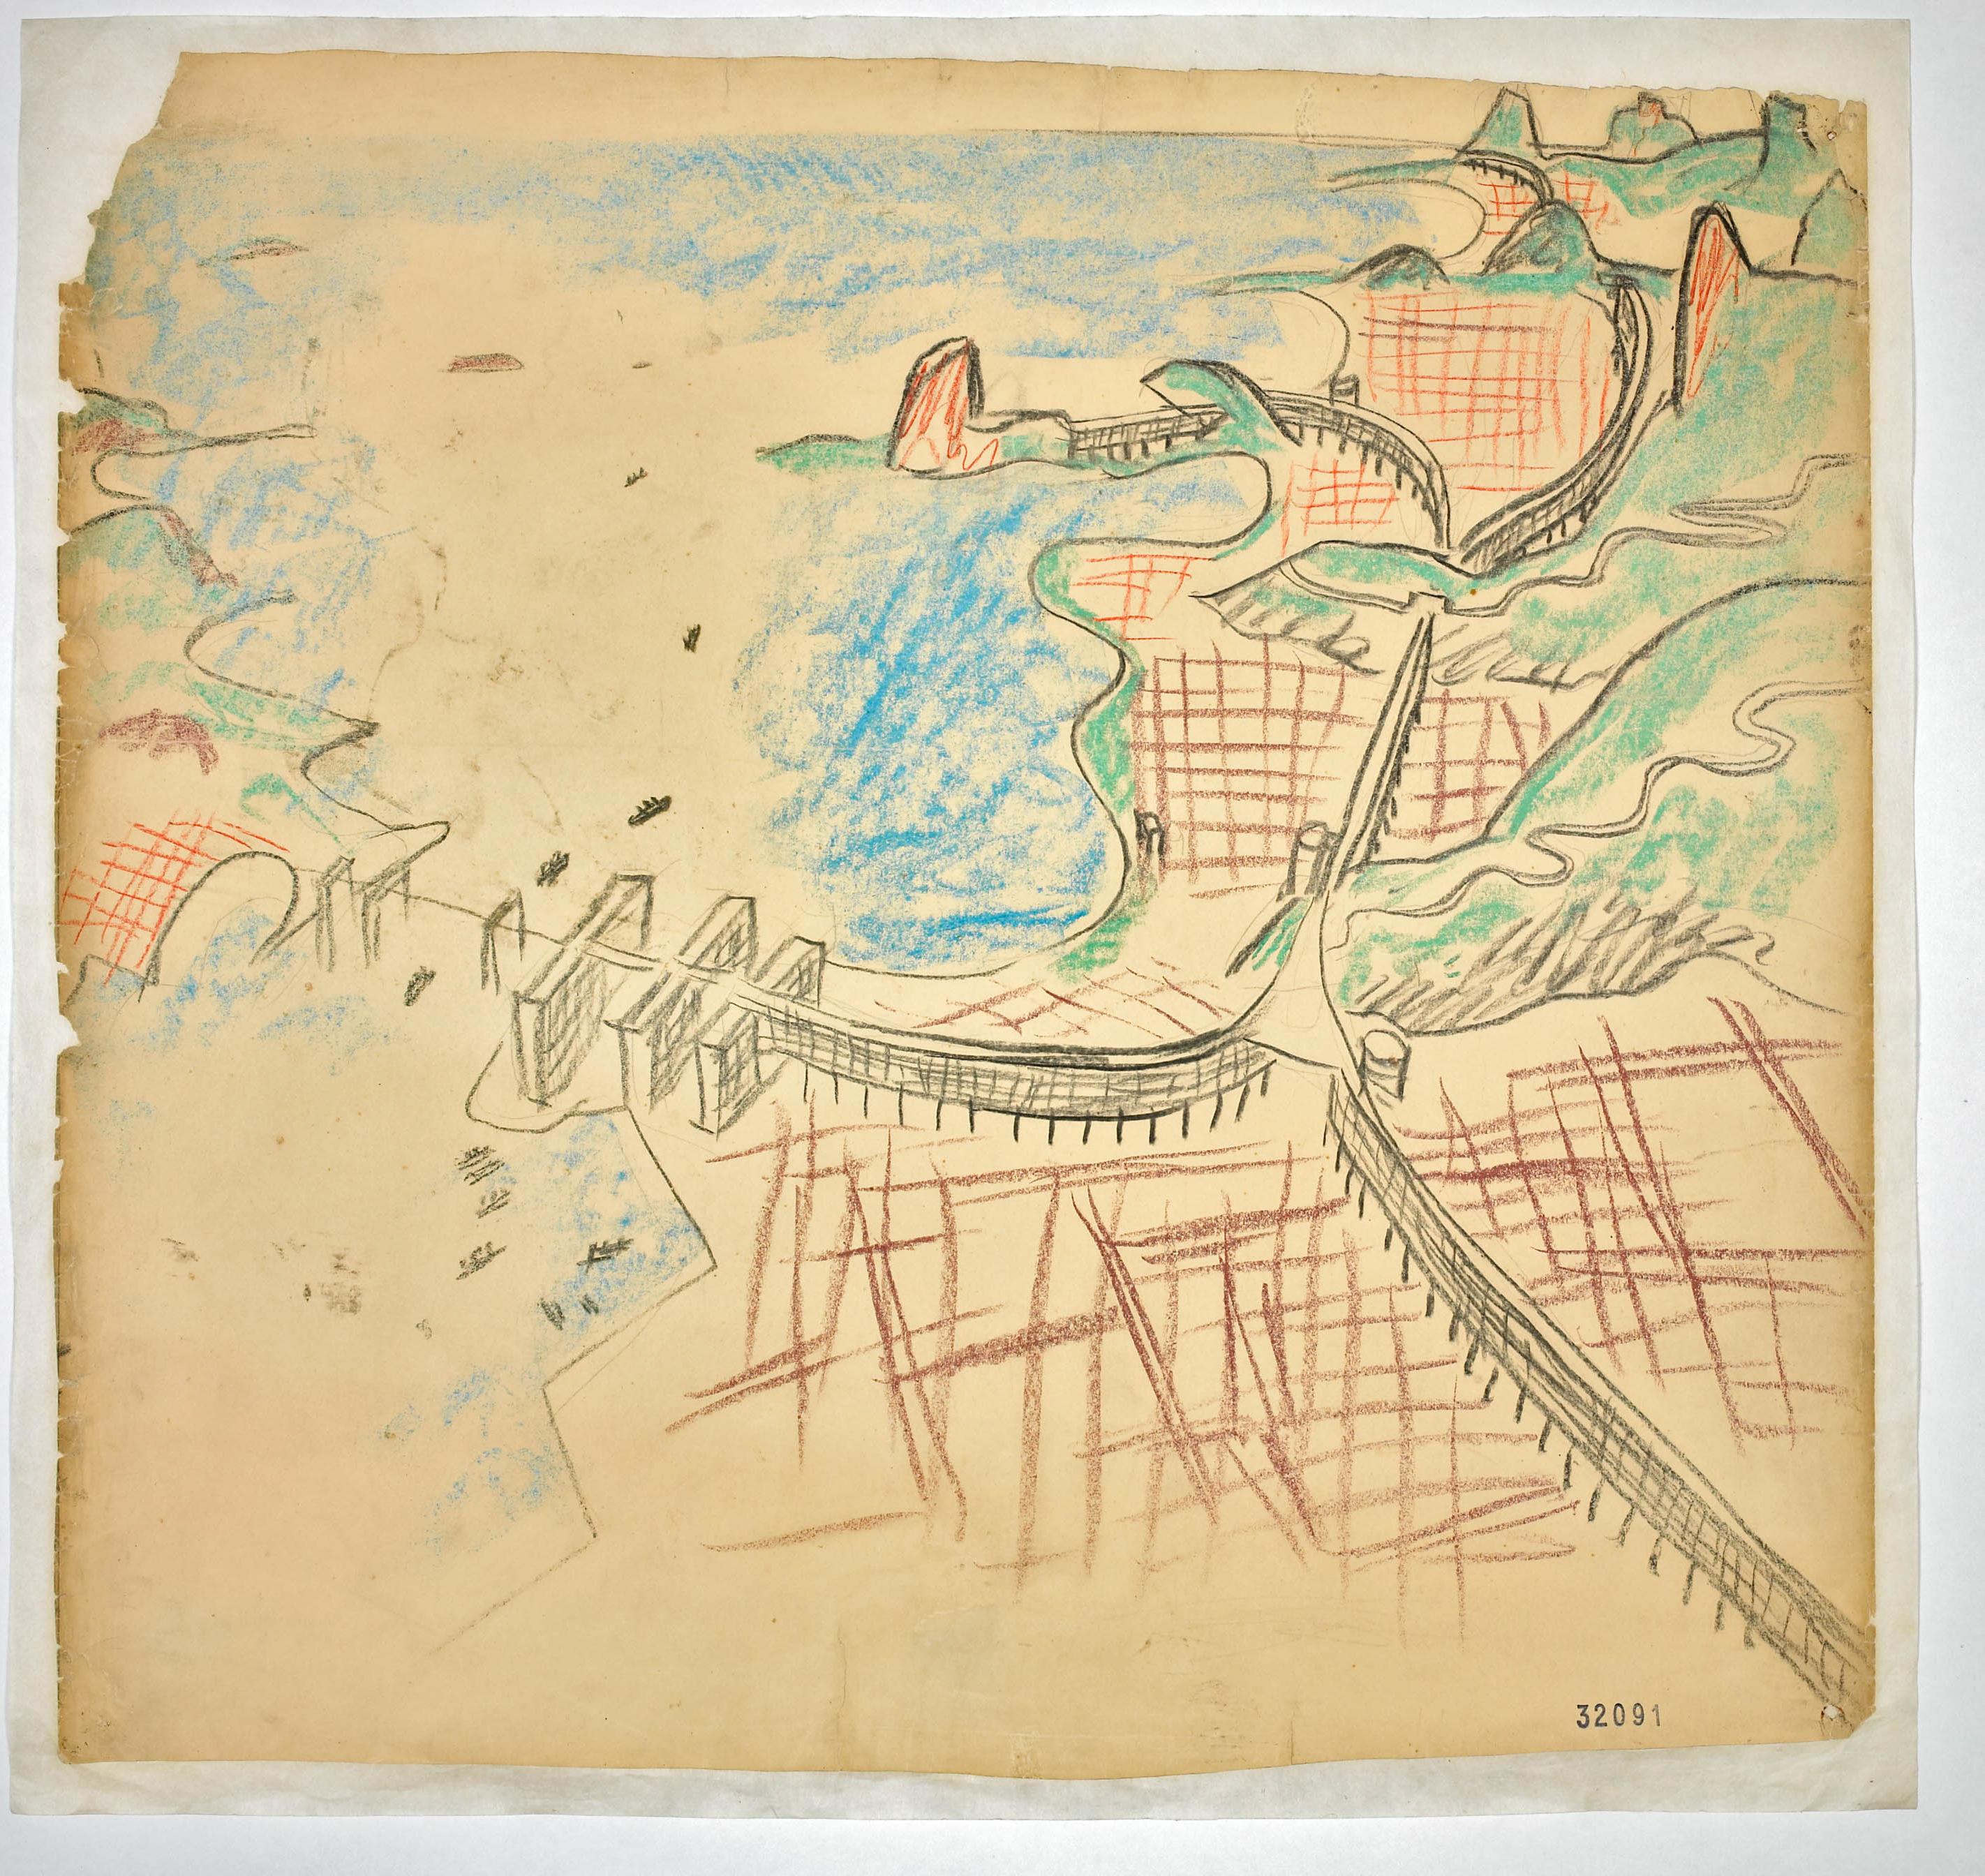 Conferénces de Le Corbusier, 1929 - Propuesta Rio de Janeiro. ©Fondation Le Corbusier